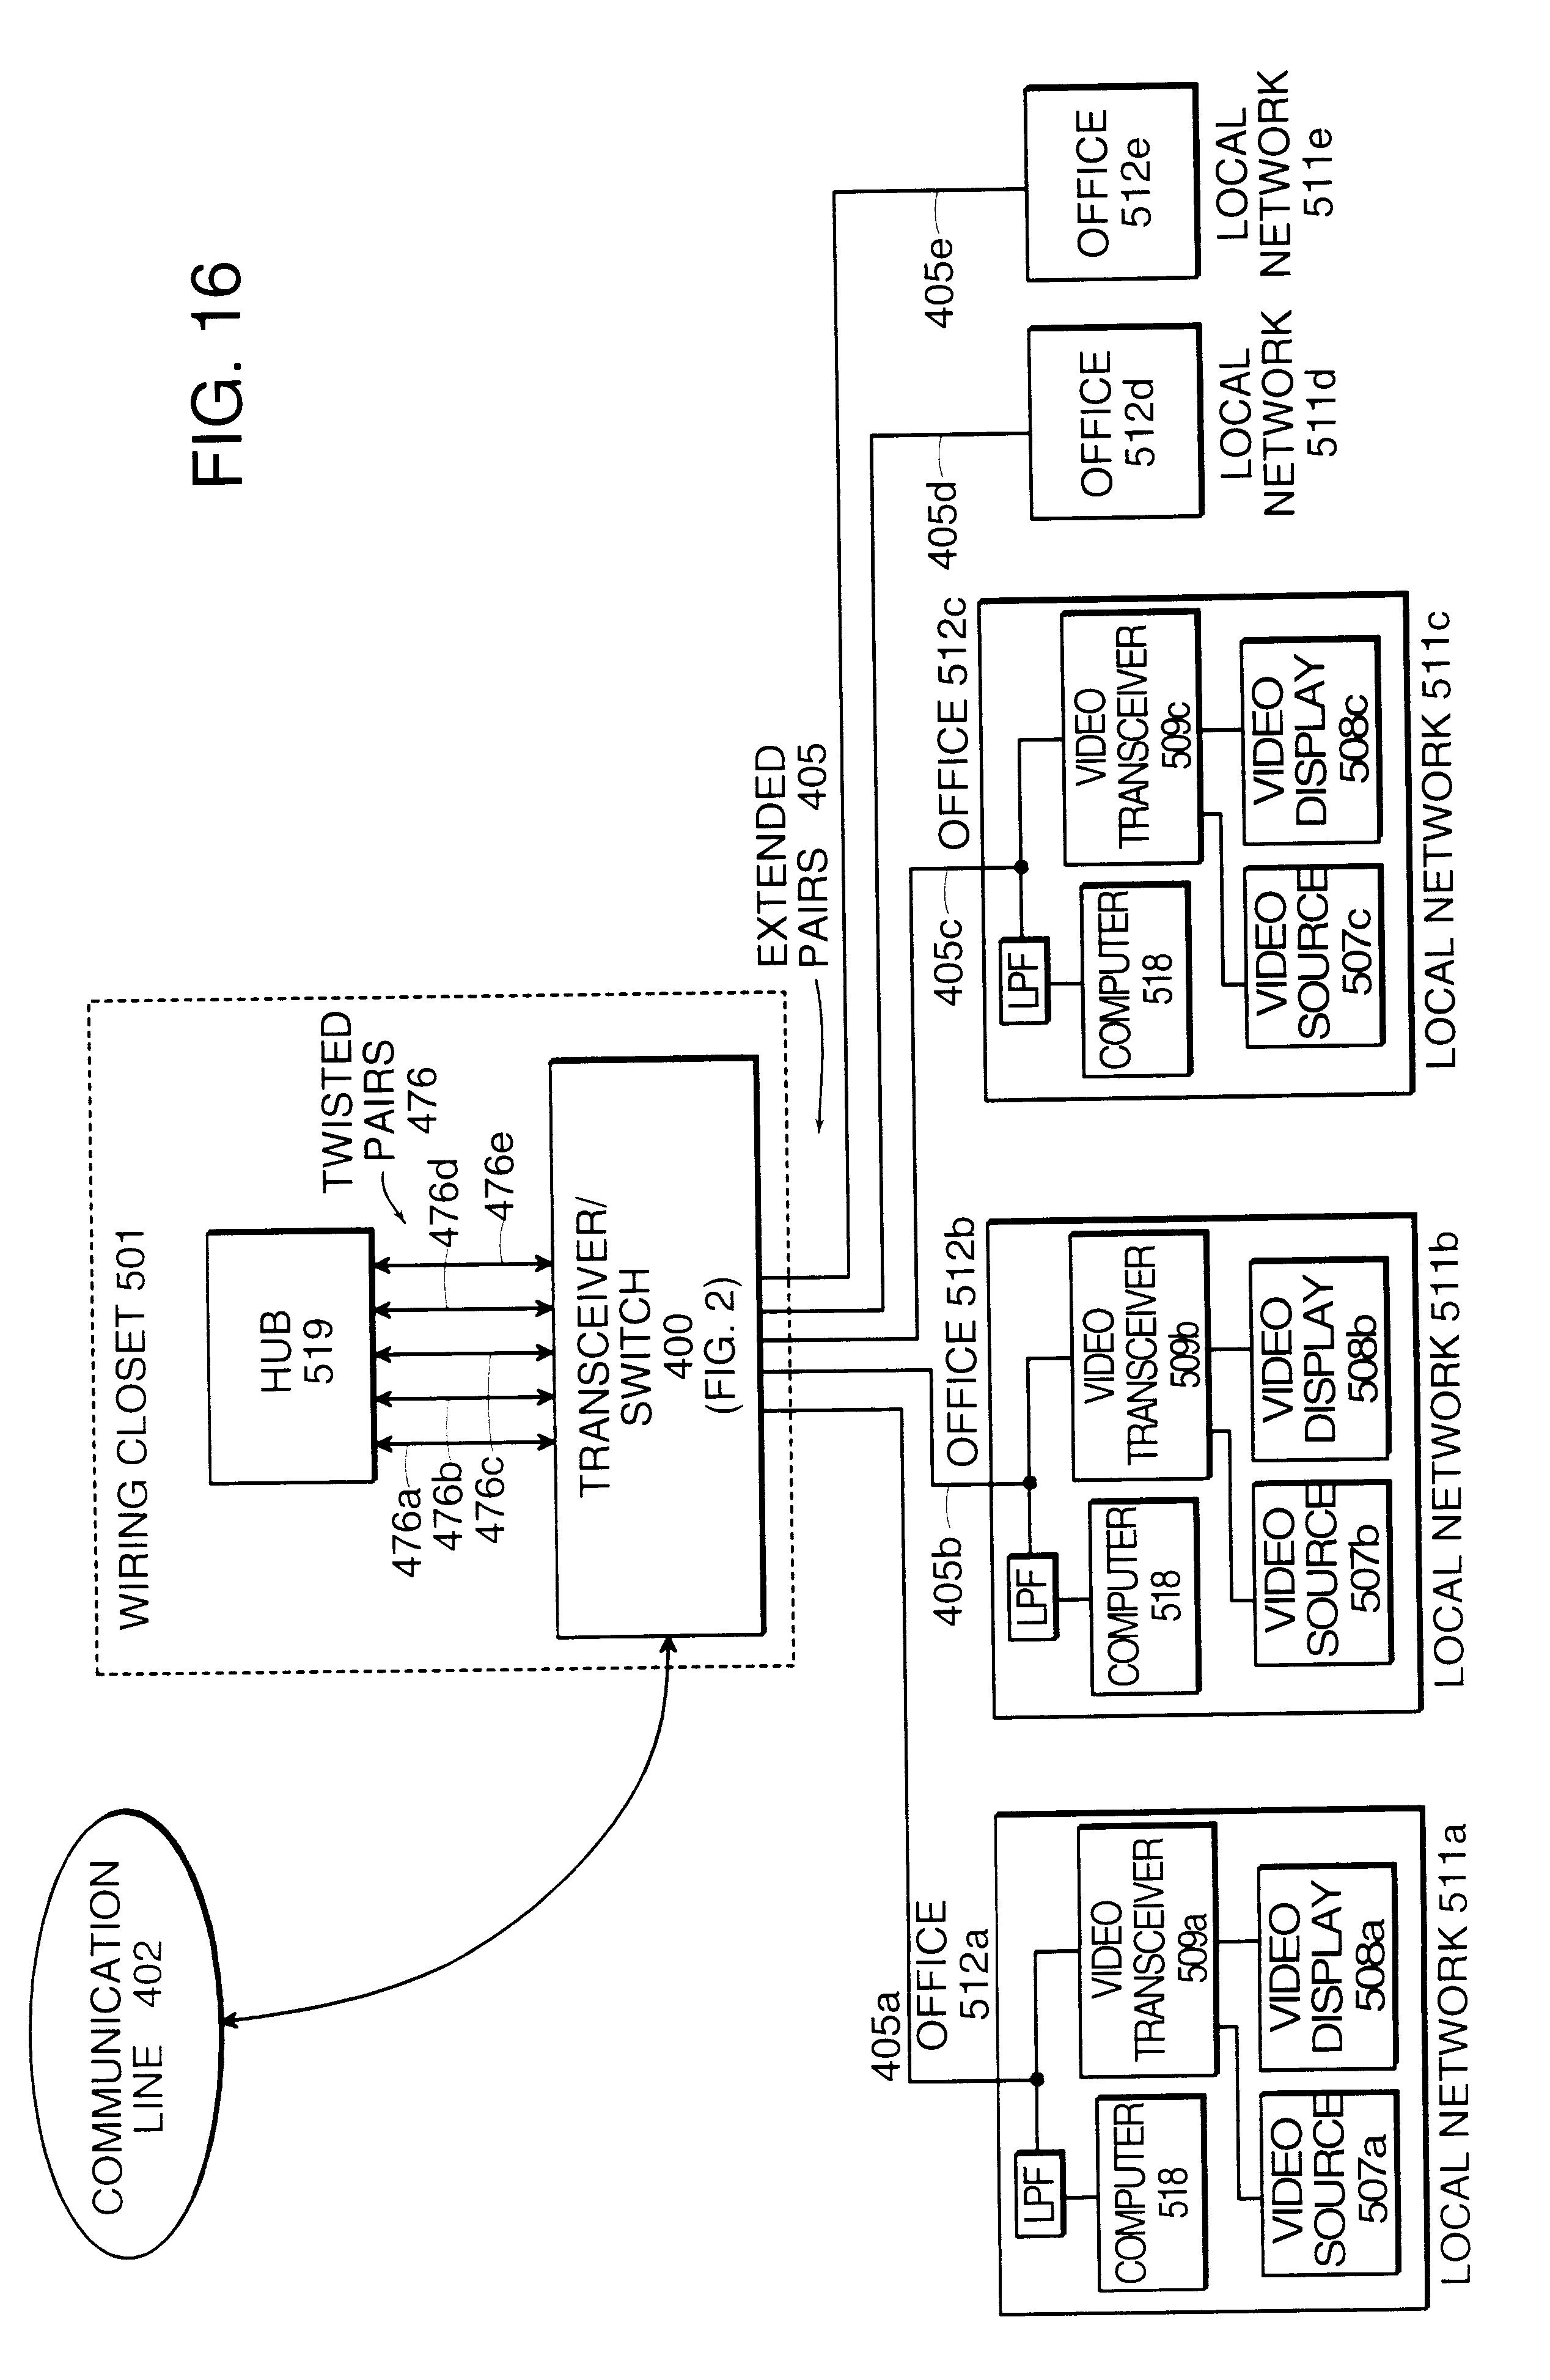 patent us6181783